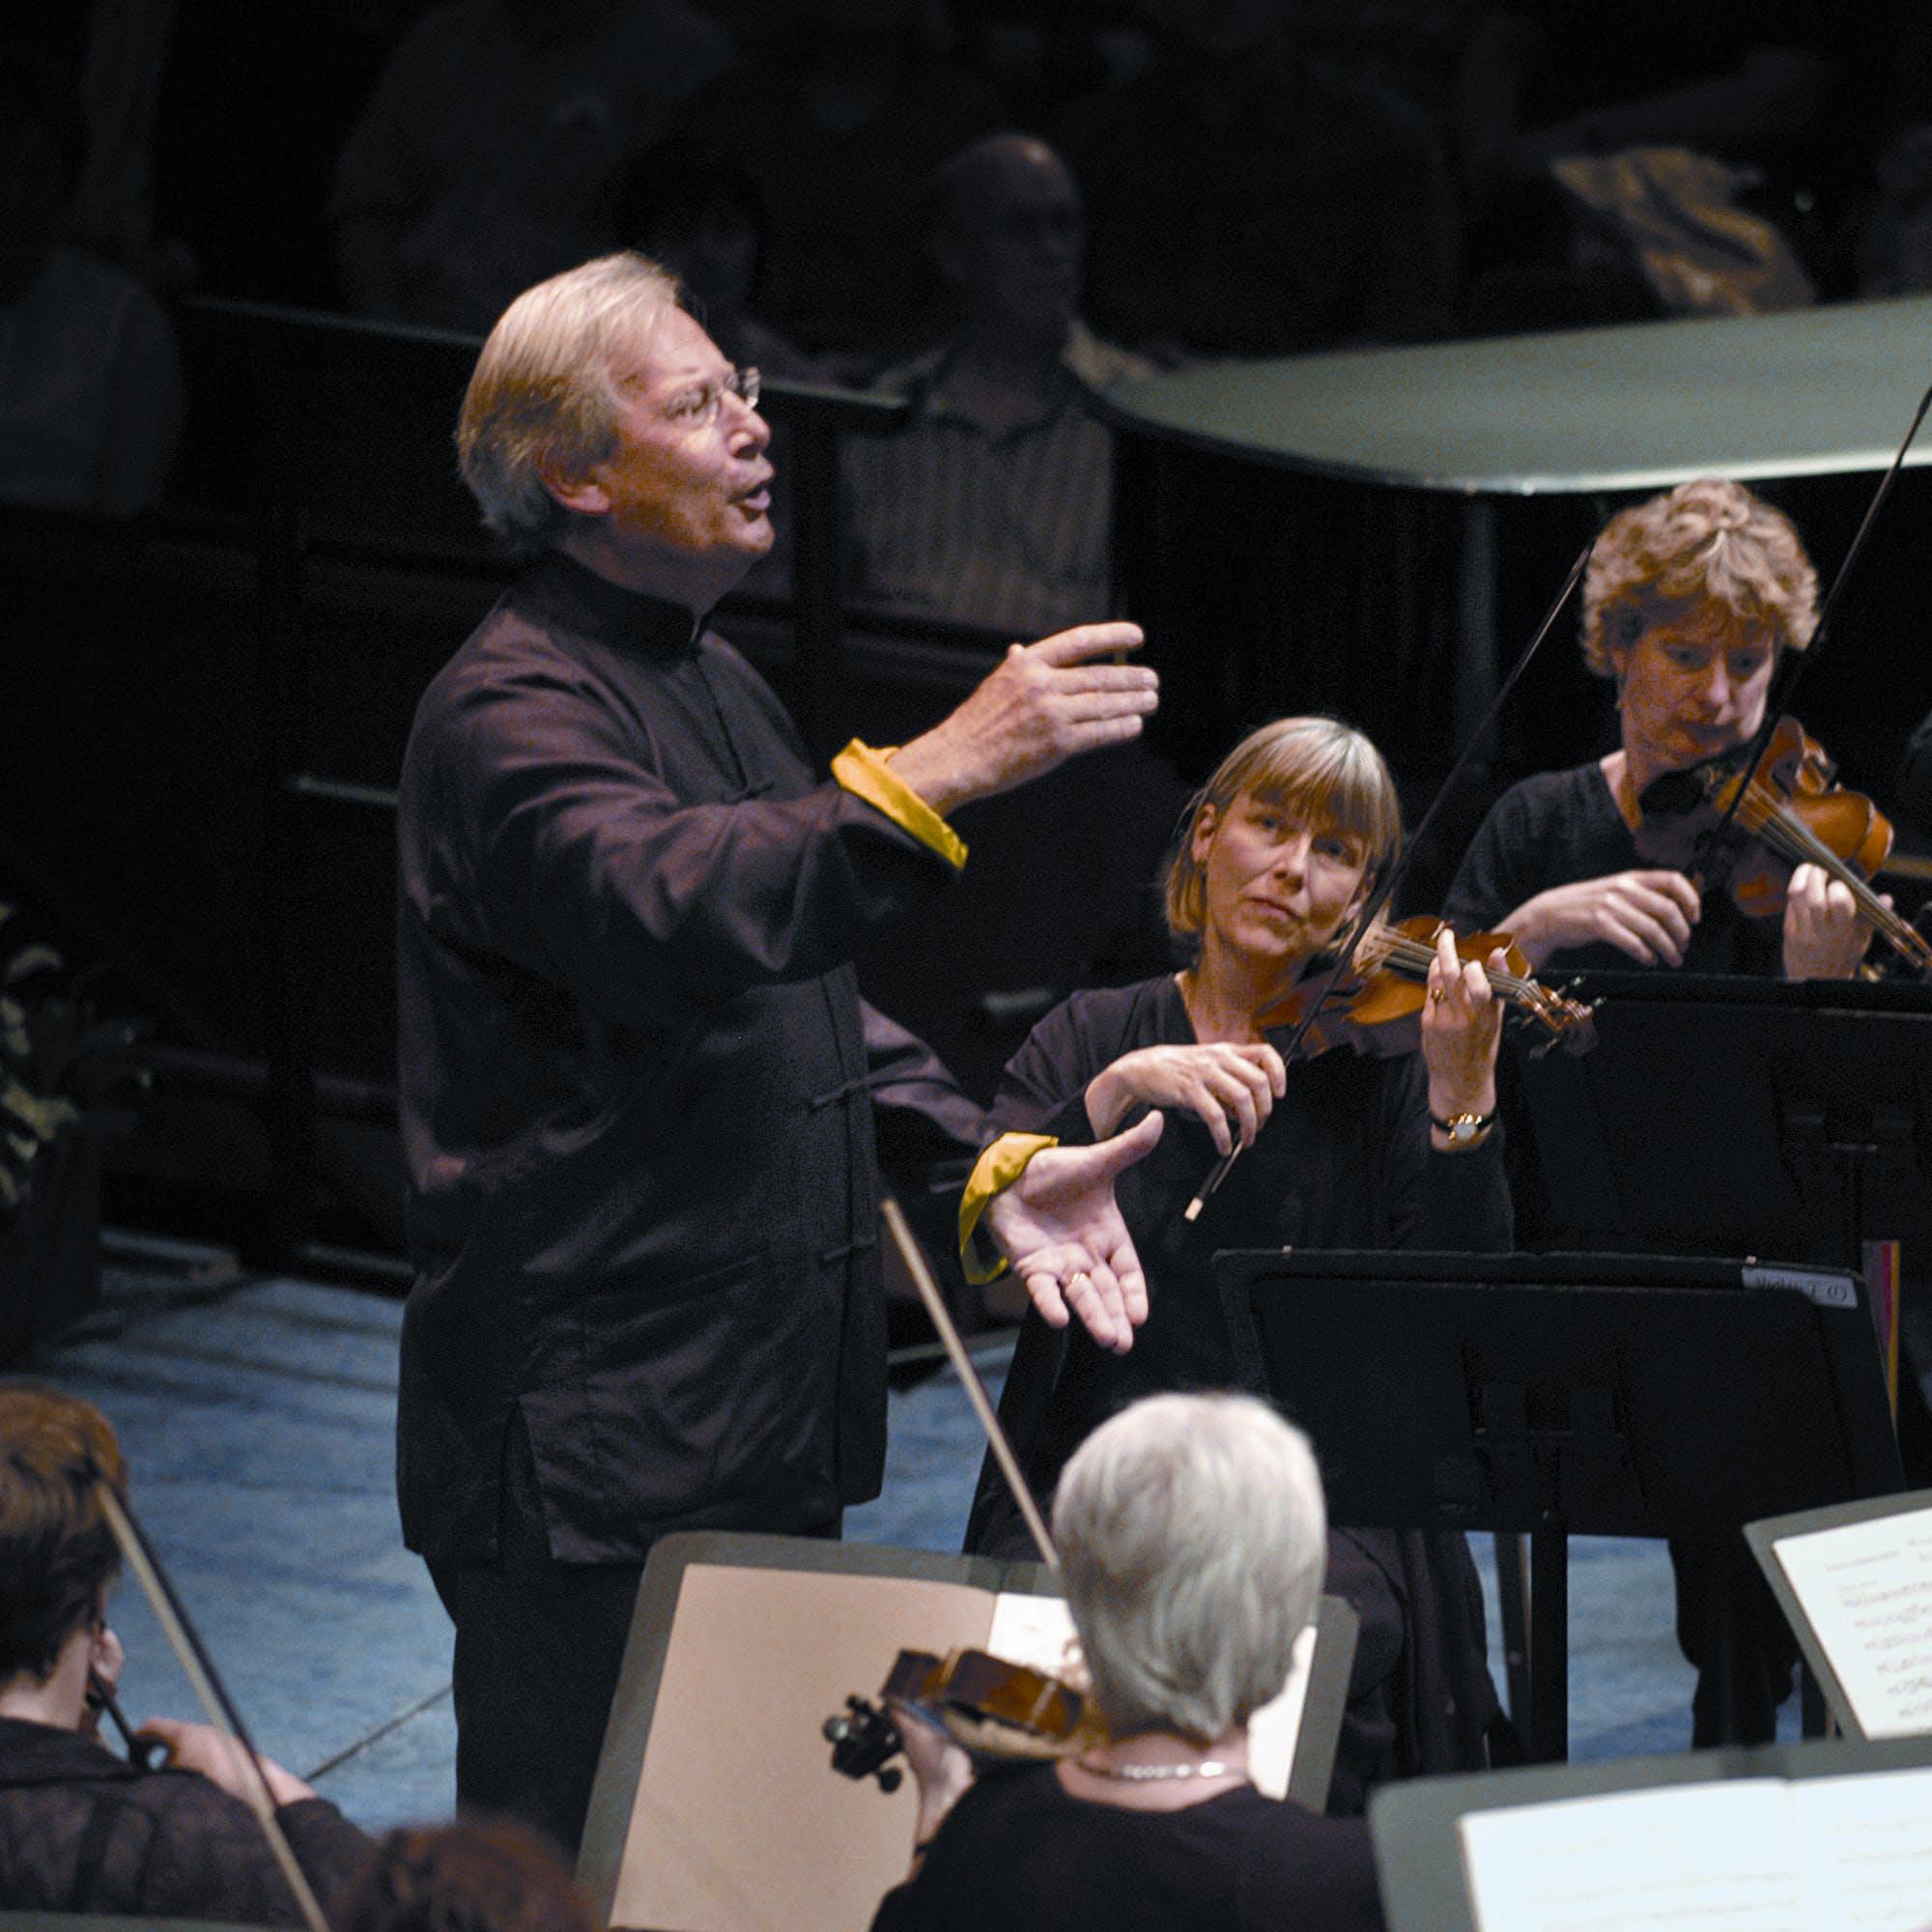 Carnegie Hall Calendar February 2020 Orchestre Révolutionnaire et Romantique 2/23/20   Carnegie Hall